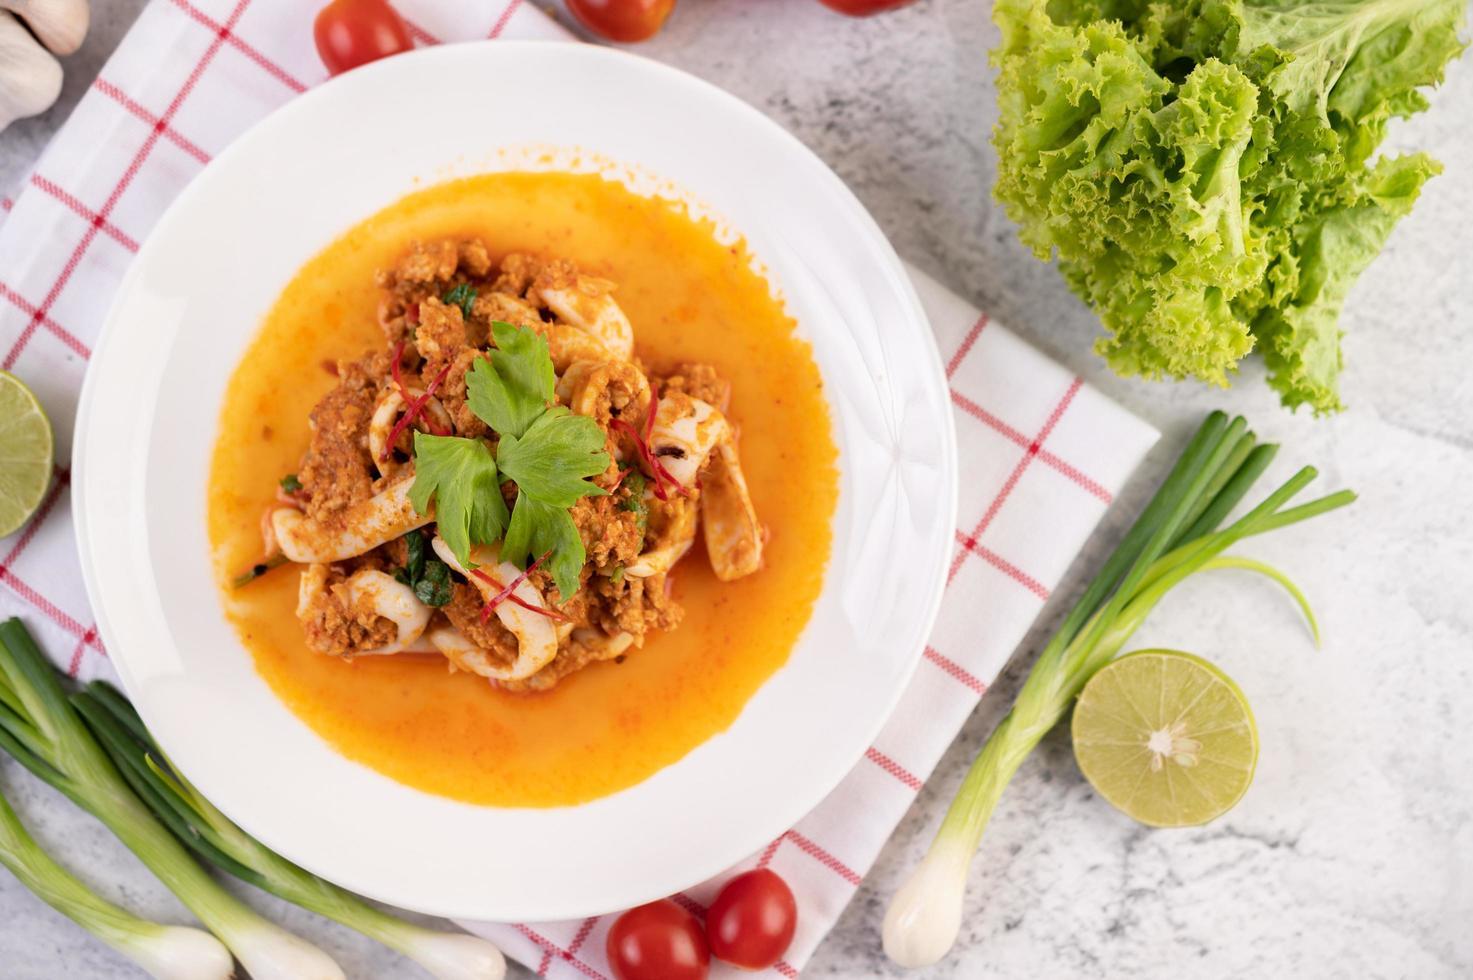 lulas fritas com tempero de curry foto